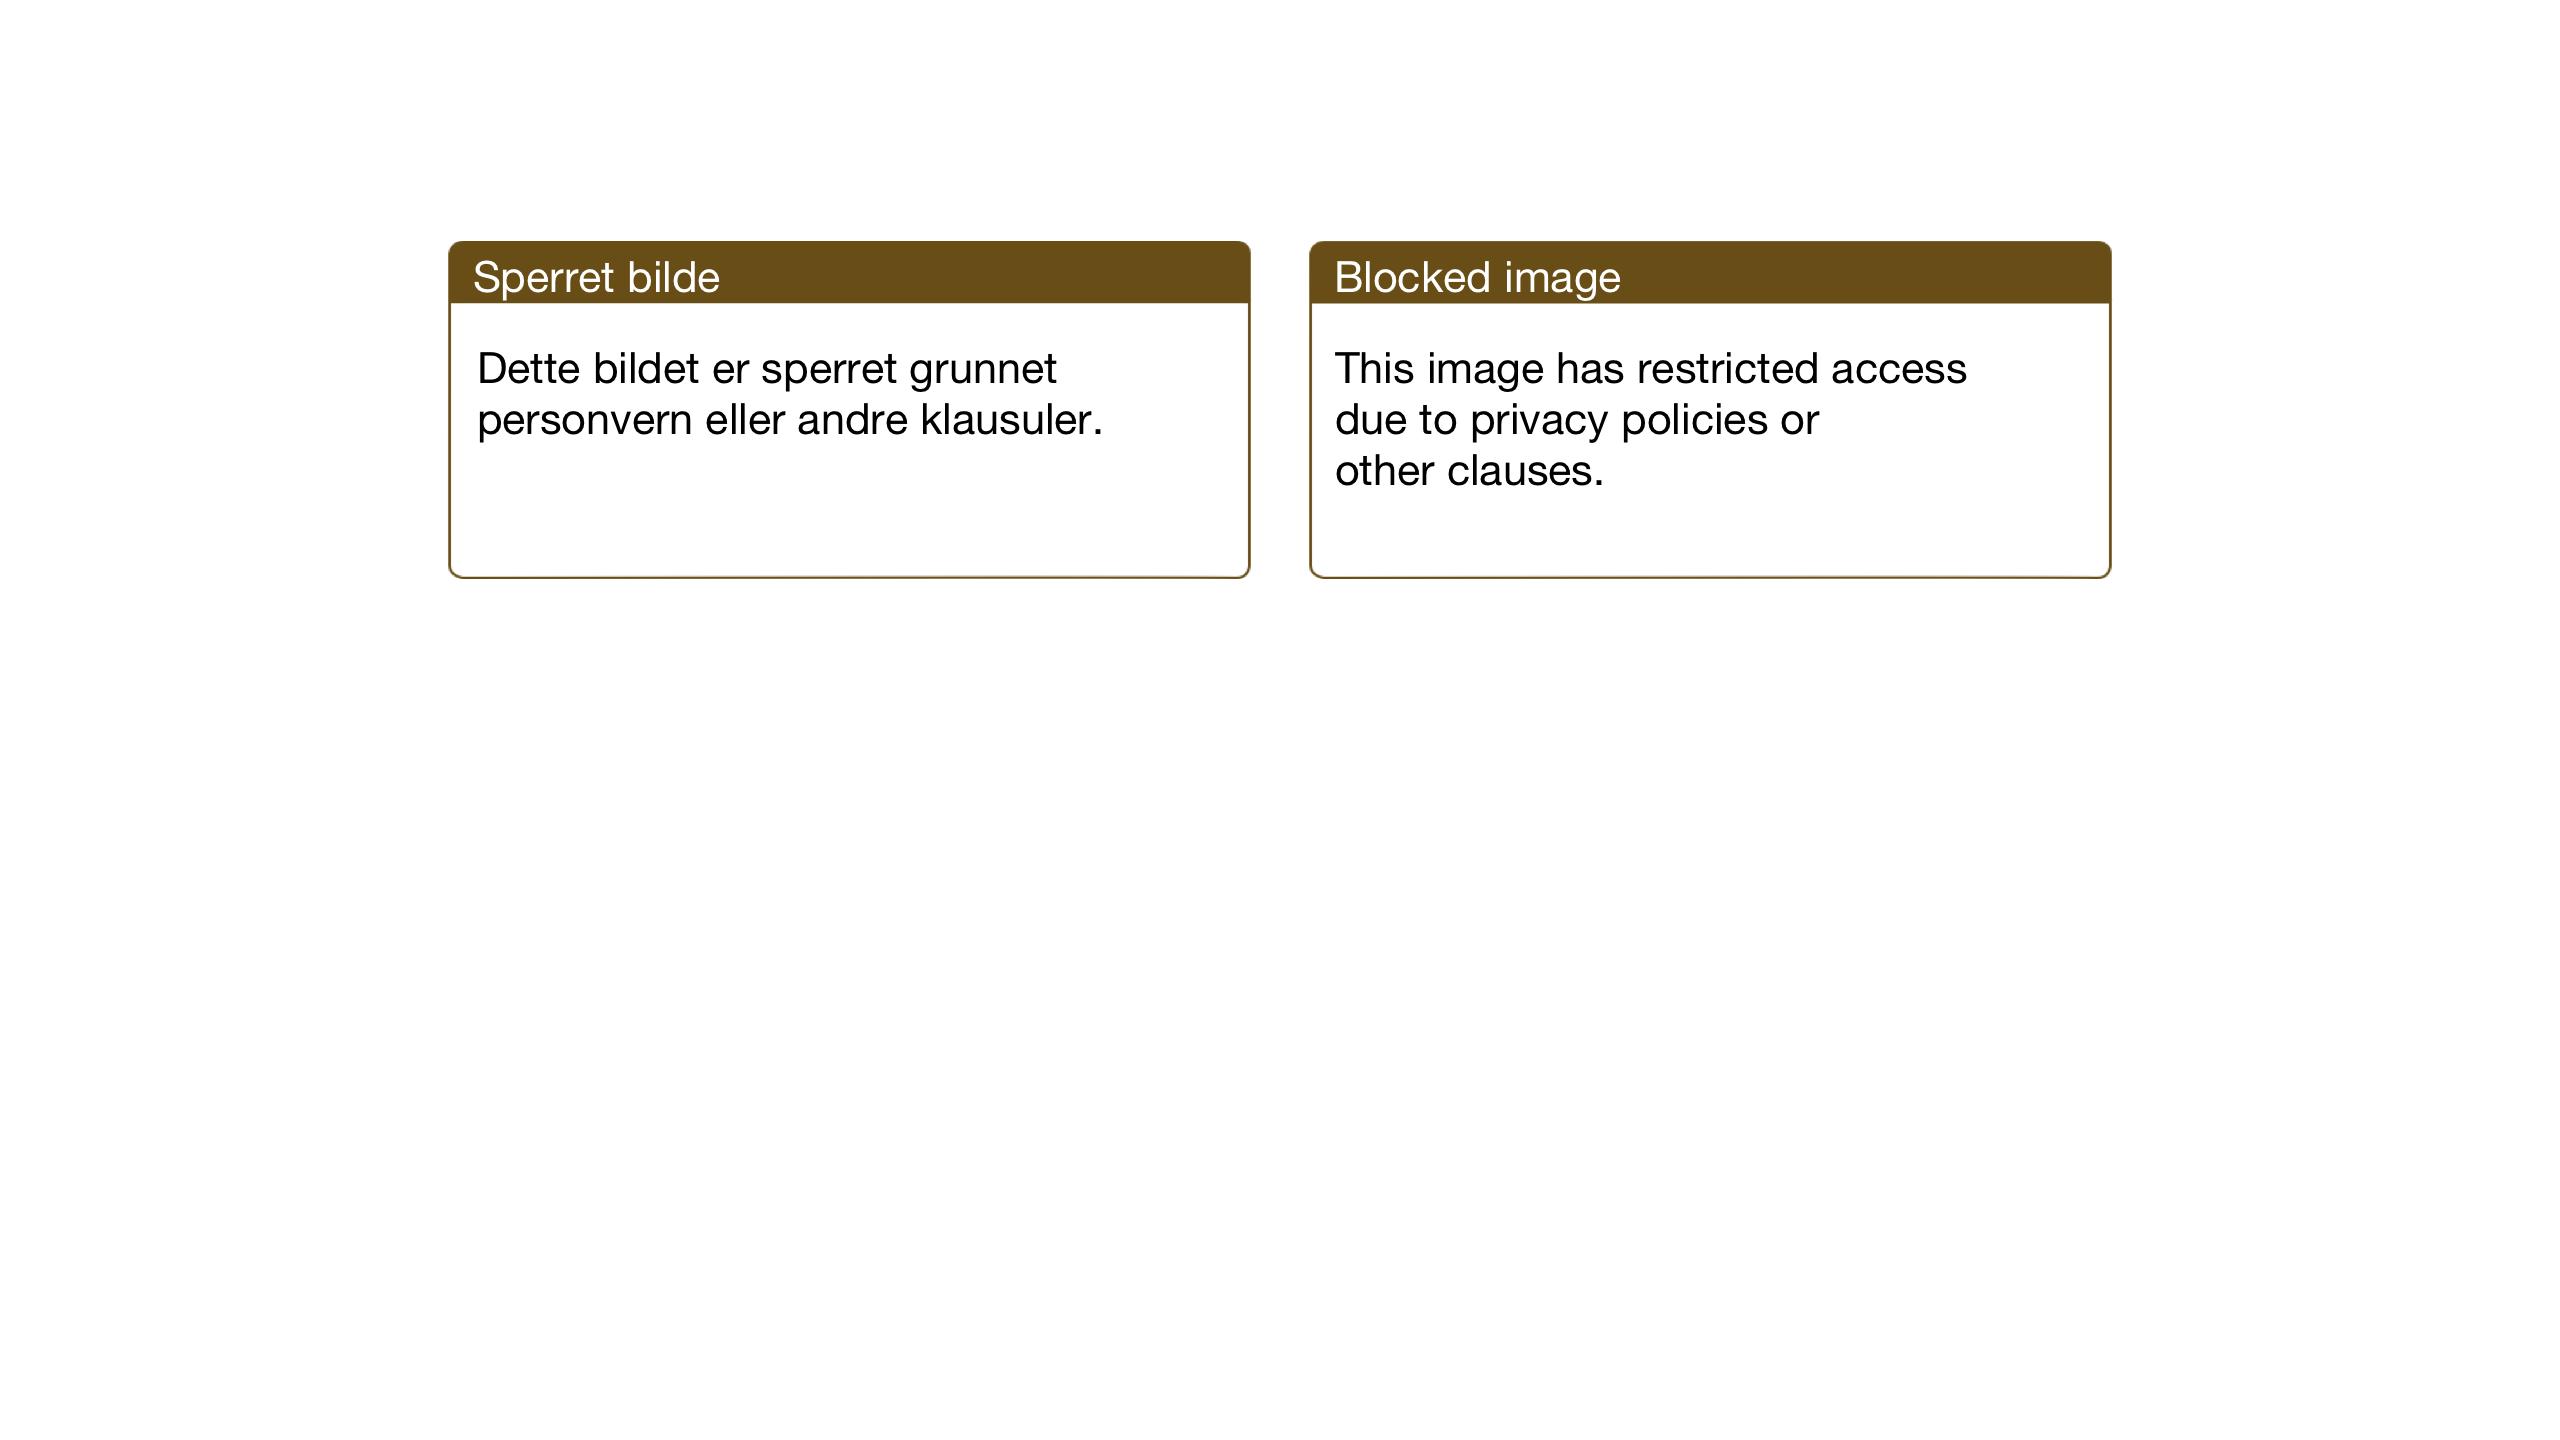 SAT, Ministerialprotokoller, klokkerbøker og fødselsregistre - Nord-Trøndelag, 740/L0384: Klokkerbok nr. 740C05, 1939-1946, s. 17